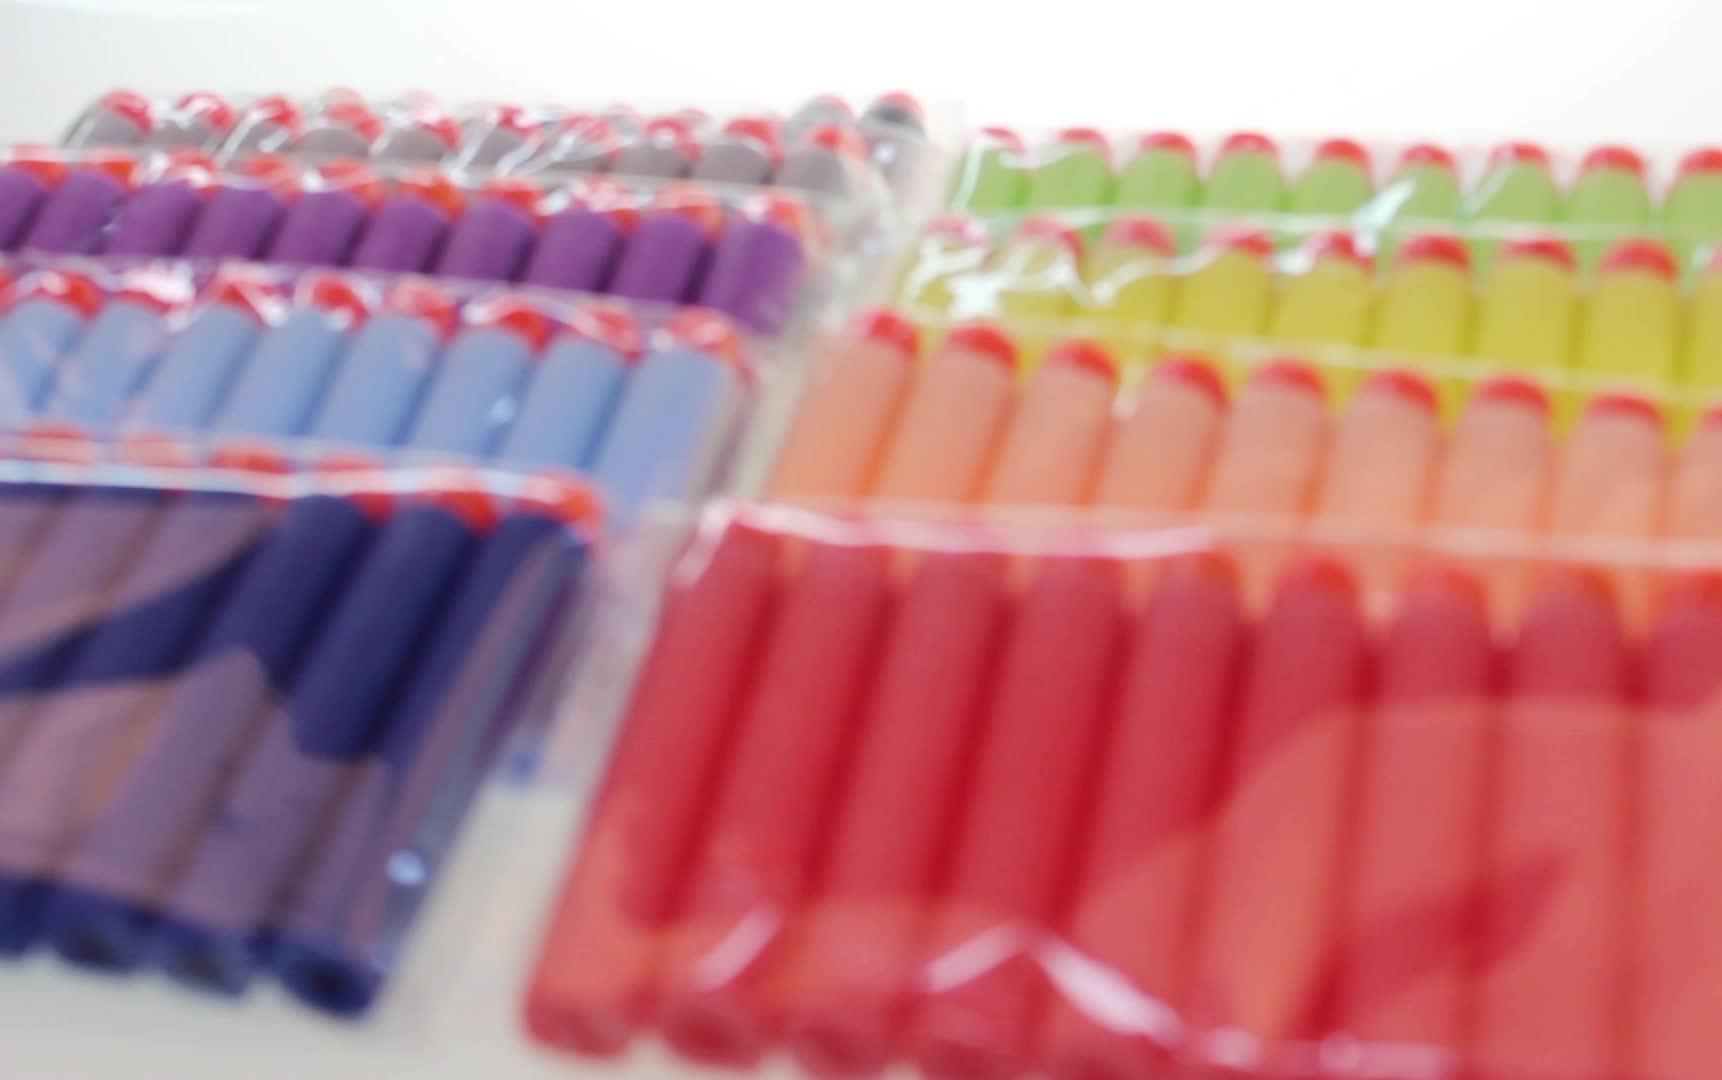 卸売エアソフトガン子供おもちゃ銃eva弾丸7.2センチ詰め替え泡弾丸ダーツ